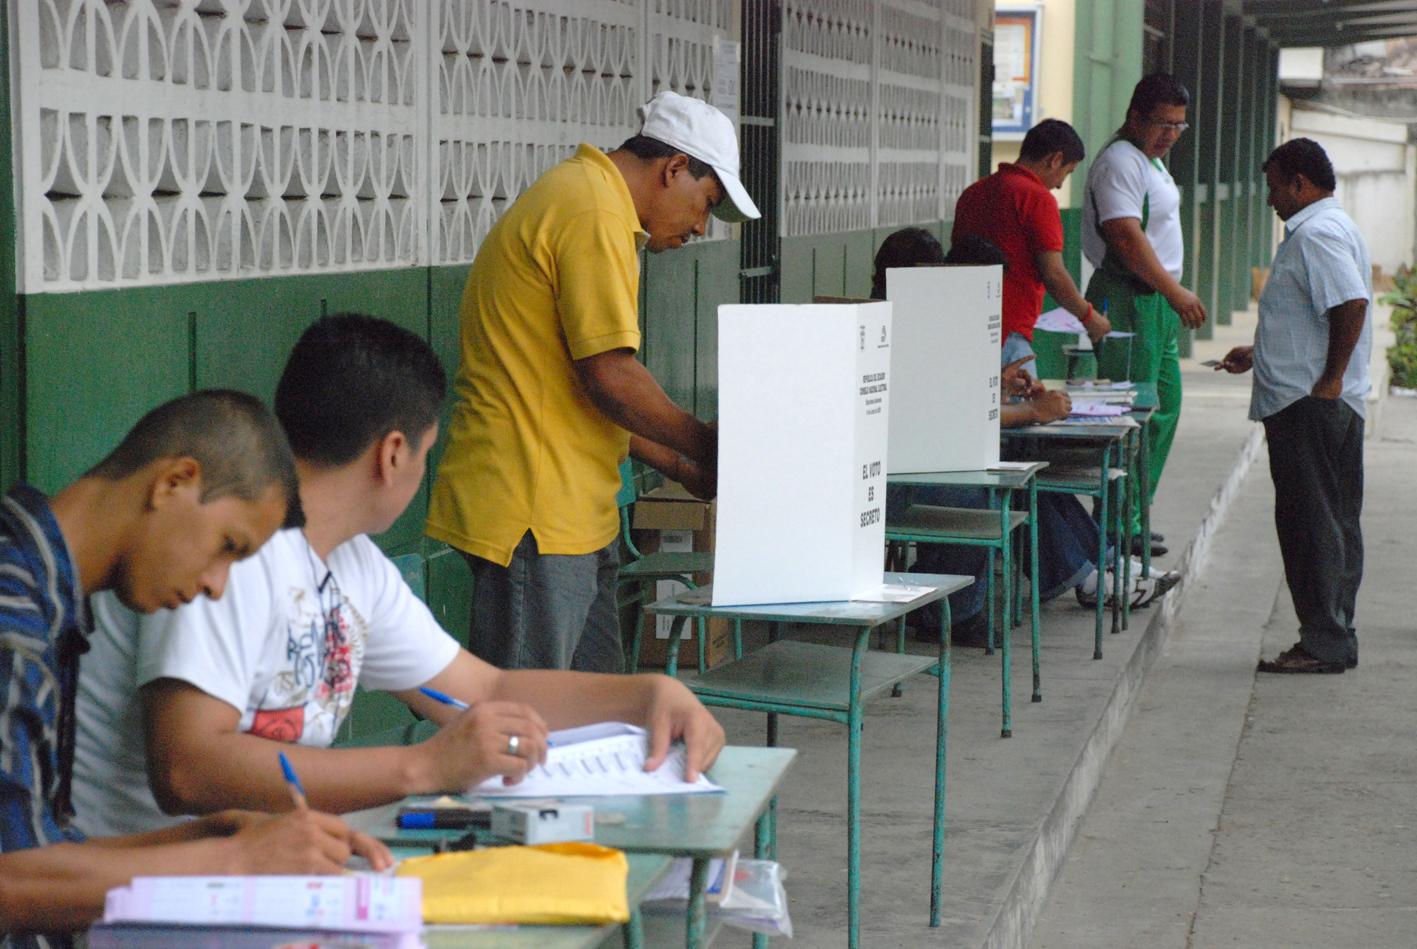 Consejo Electoral del Ecuador convocará elecciones generales en julio del 2012